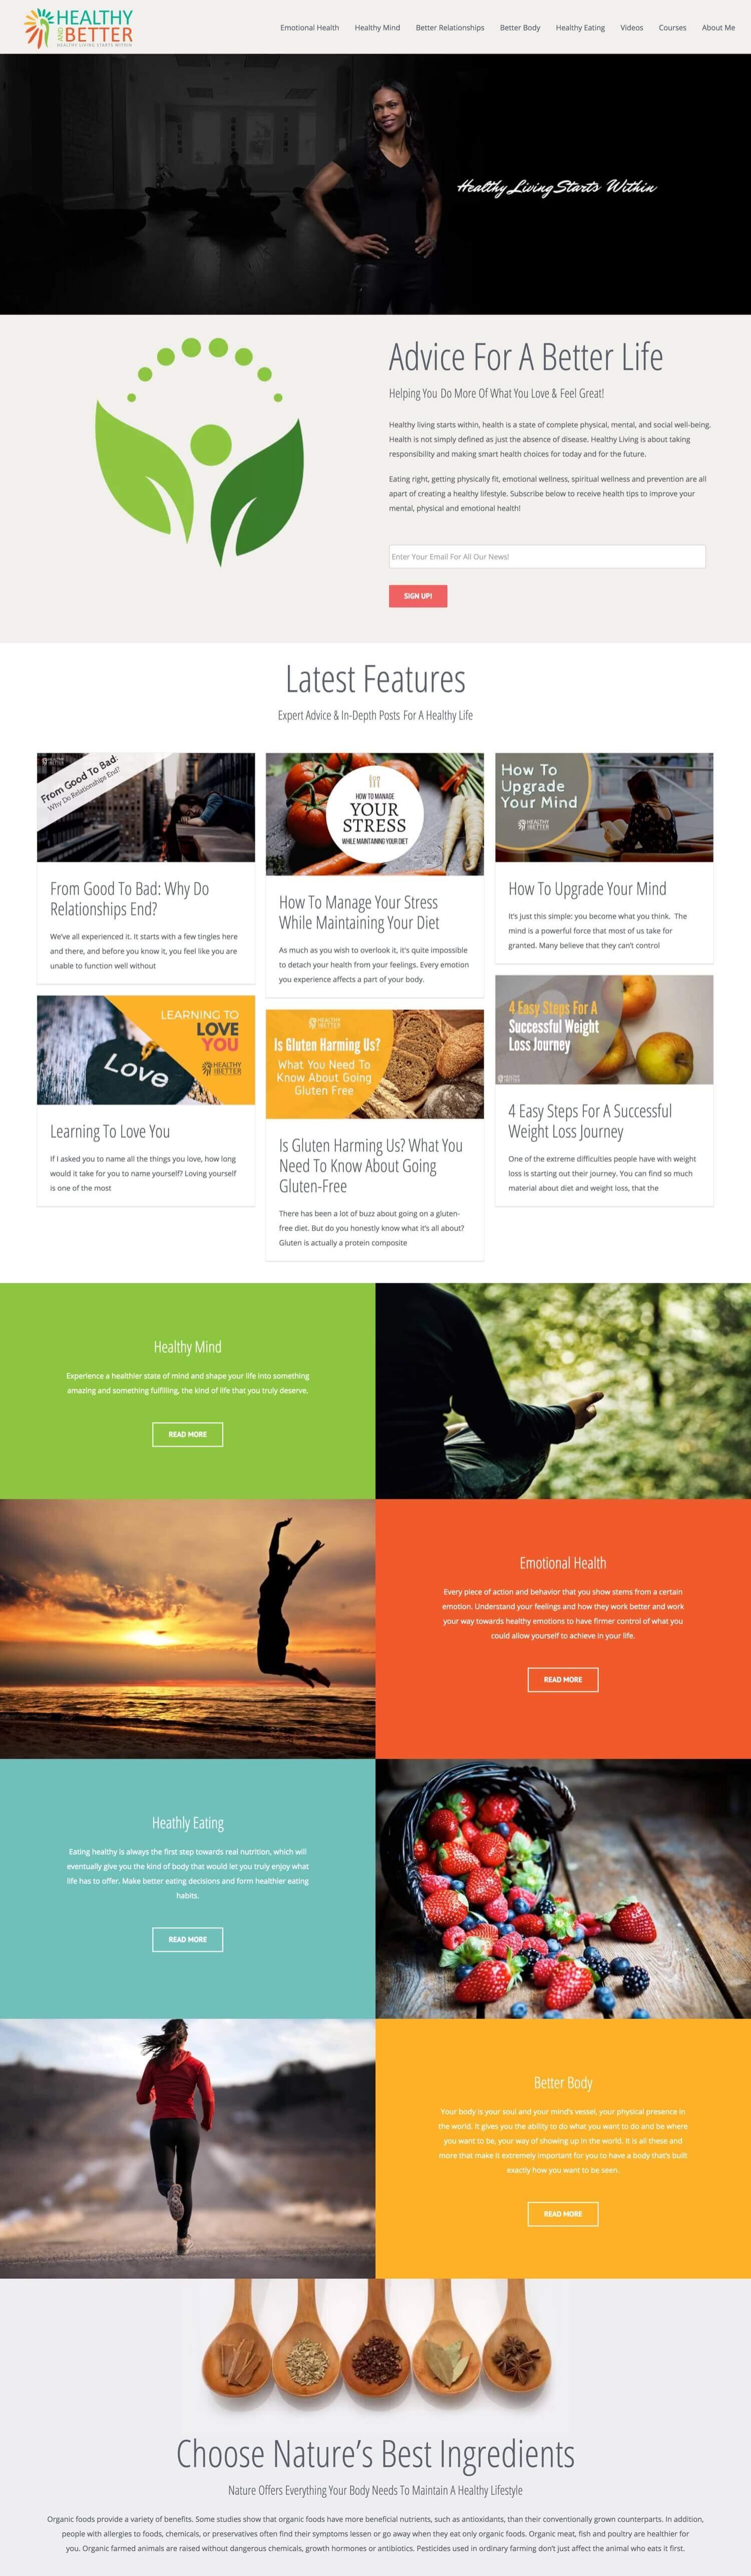 Healthy & Better - Website